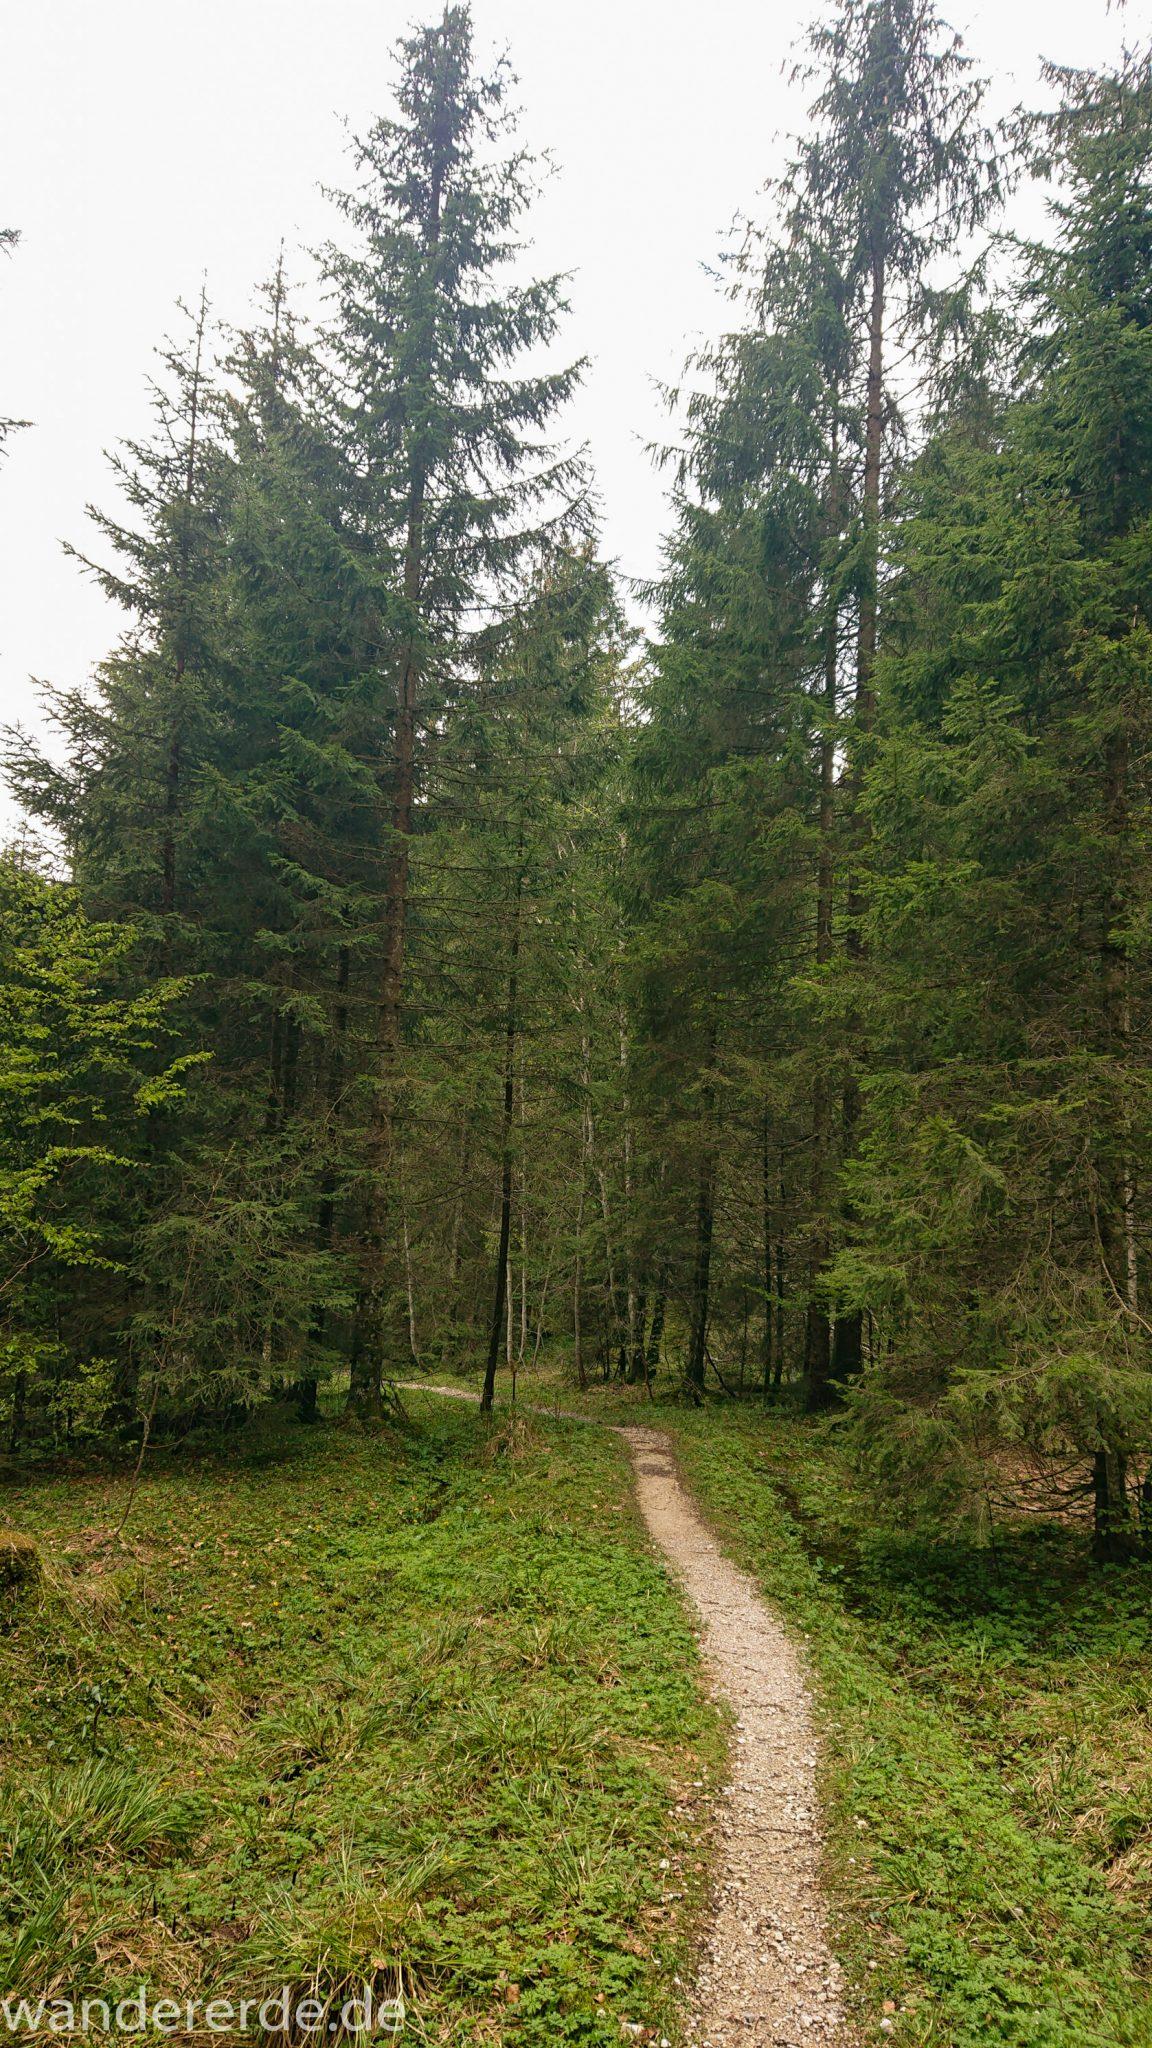 Wanderung zur Kenzenhütte in den Ammergauer Alpen, schmaler Wanderpfad, menschenleerer Weg, Frühjahr in den bayerischen Alpen, dichter grüner Wald und saftige Wiesen